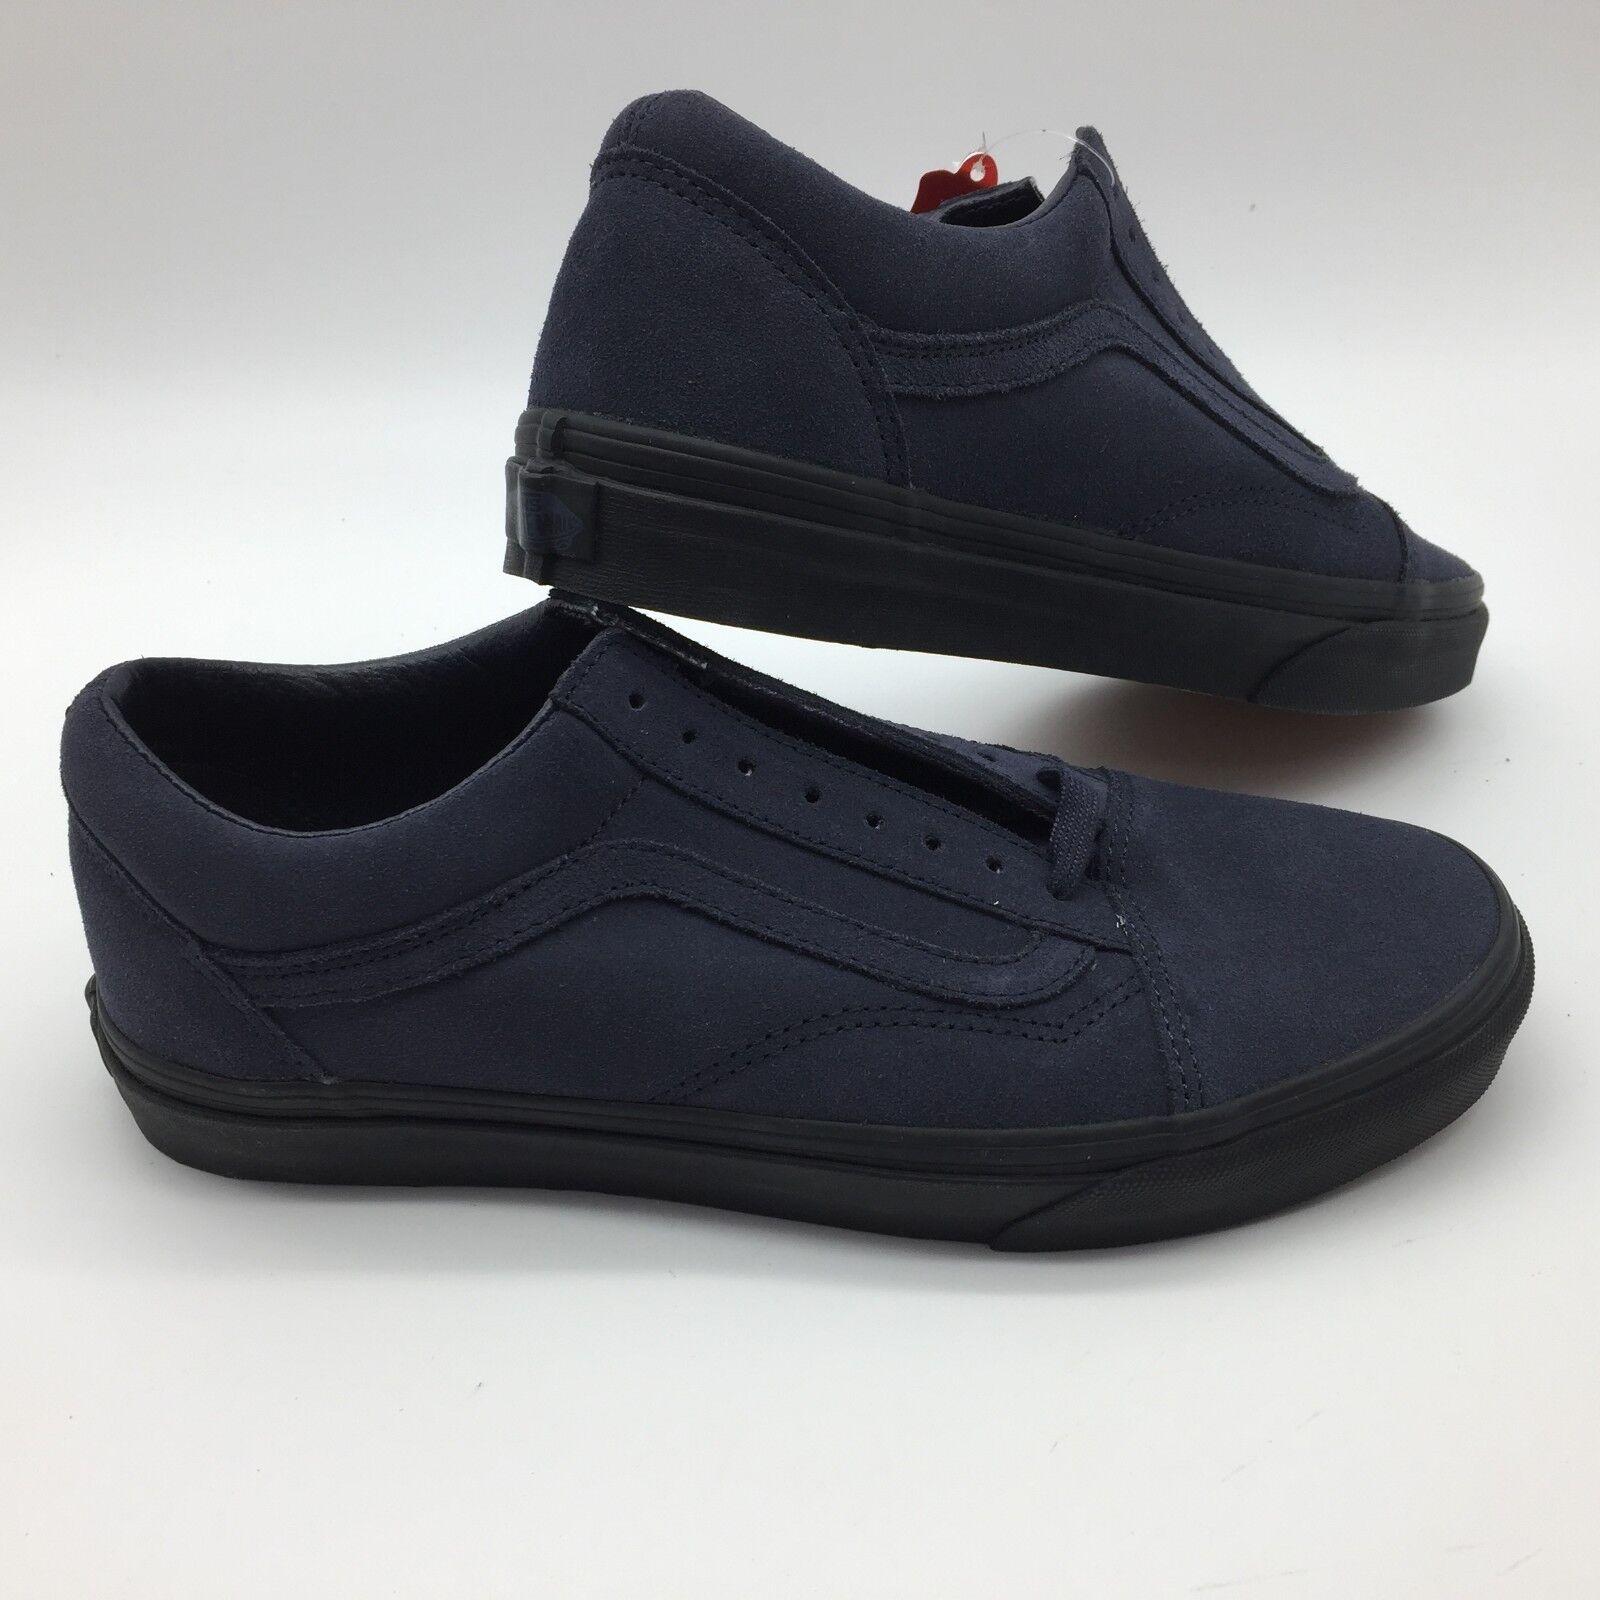 cc376f4a1e243b Gentleman Lady Vans Men s Shoe s